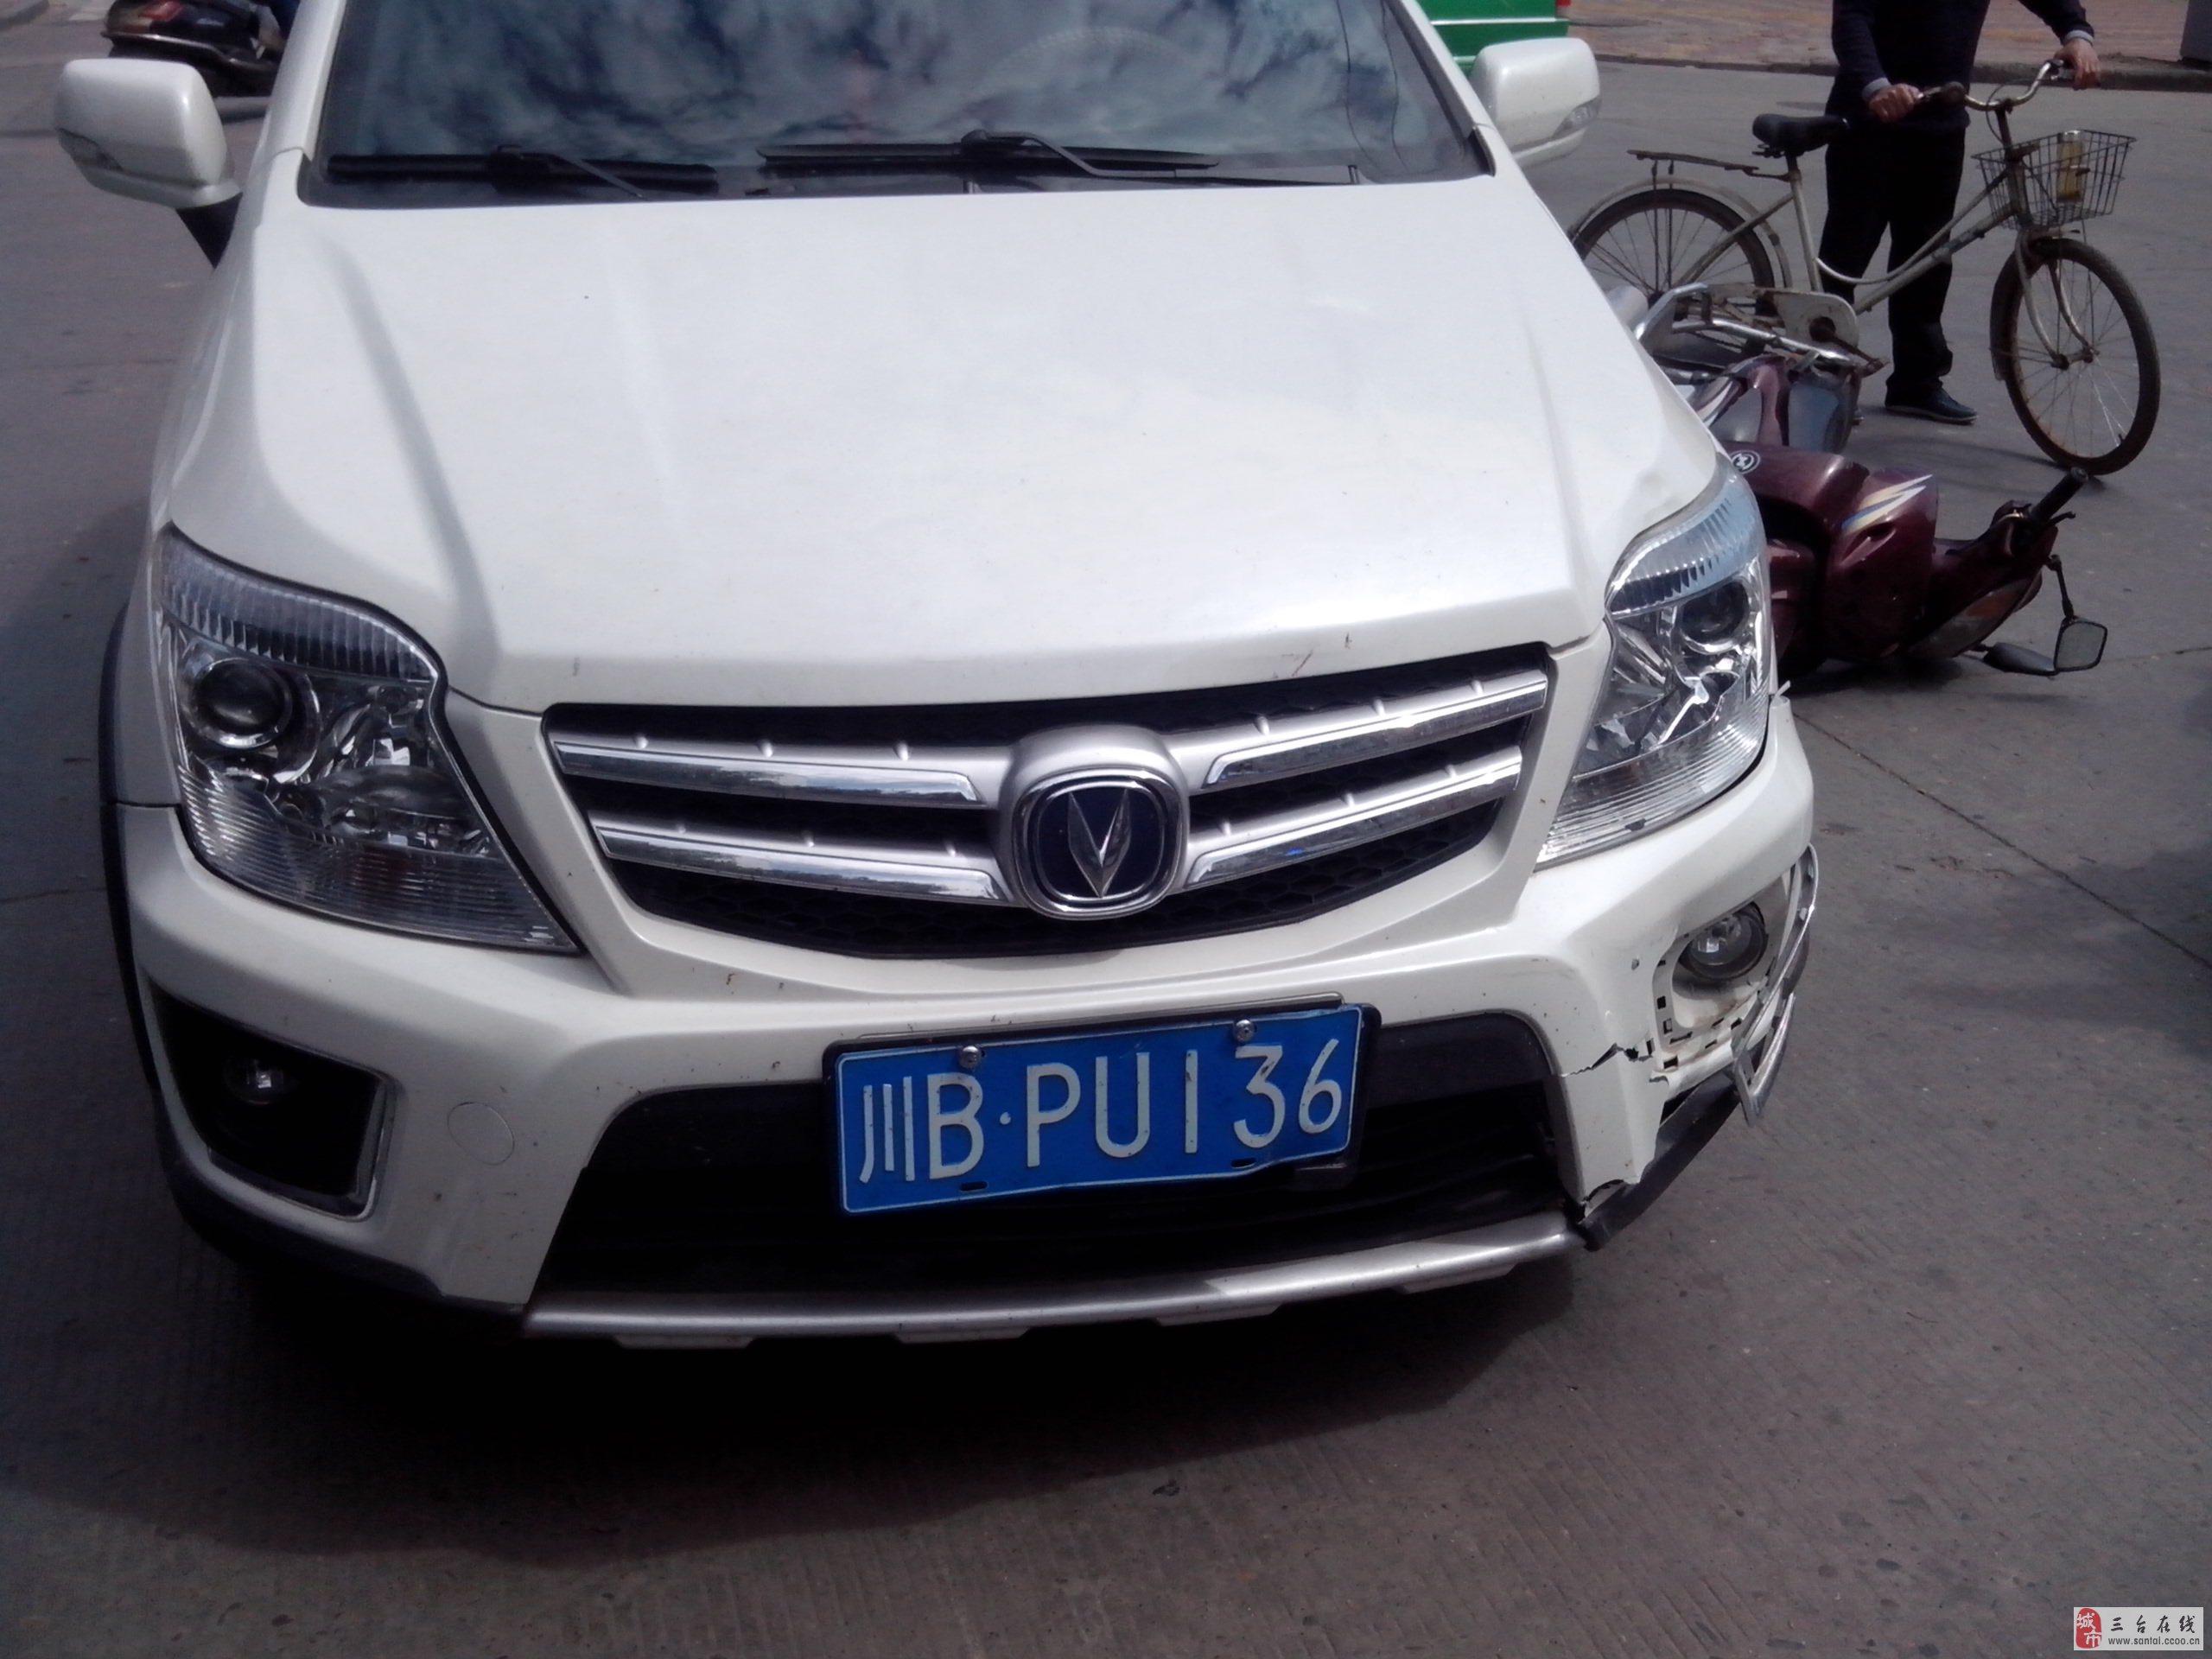 今天(4月21日)上午11点左右,一辆紫色摩托车与一辆白色汽车(车牌